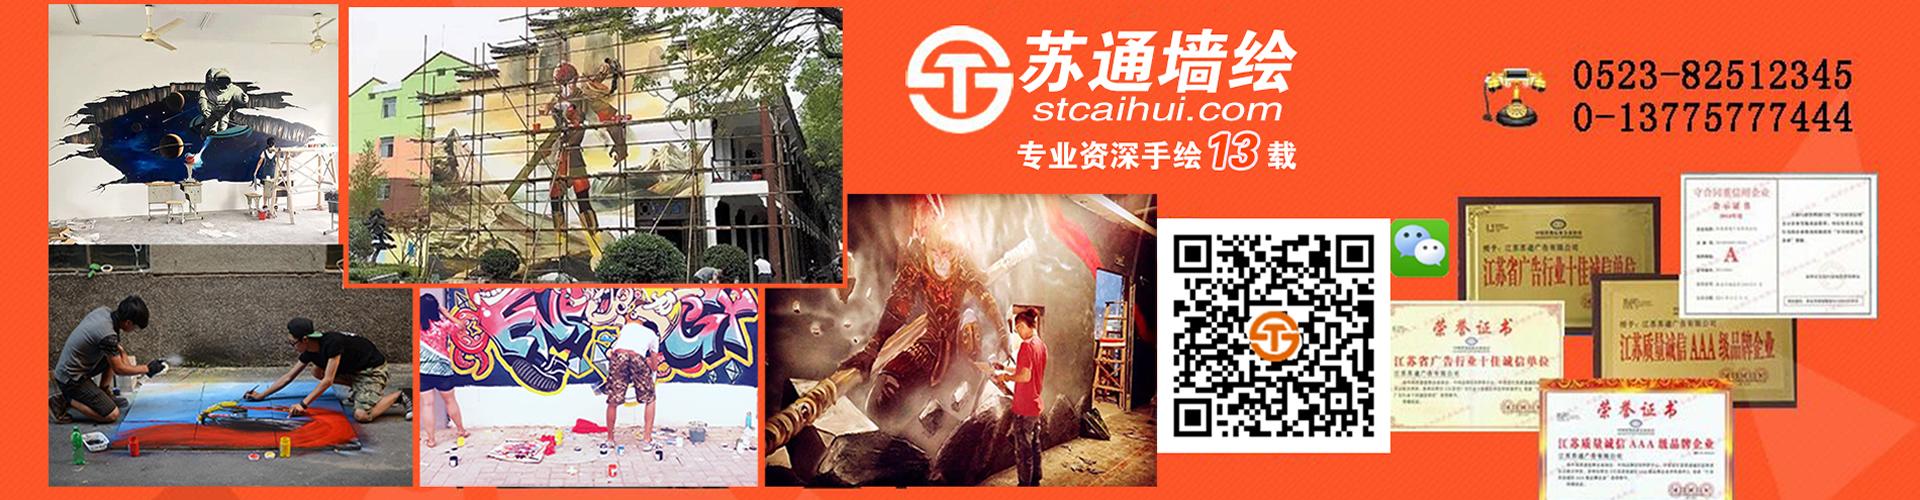 手绘墙,彩绘墙,涂鸦墙,3D彩绘墙专业从事制作/设计/报价的服务型彩绘公司